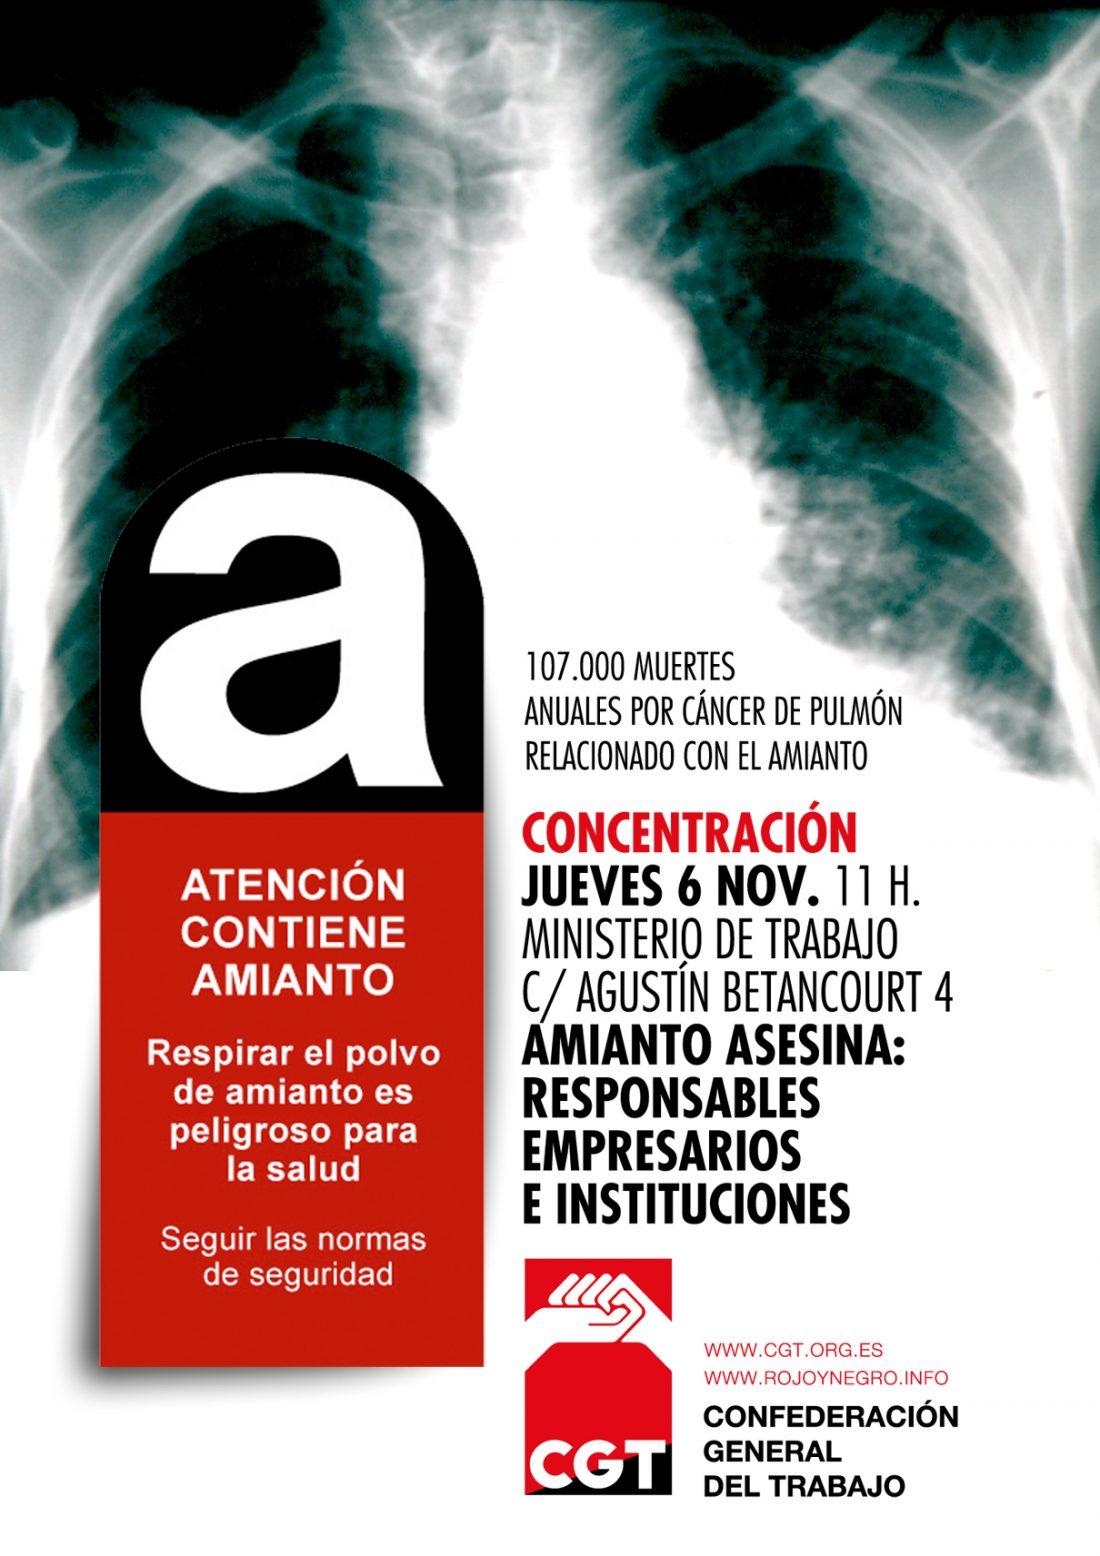 Concentración 6 de noviembre: El Amianto Asesina